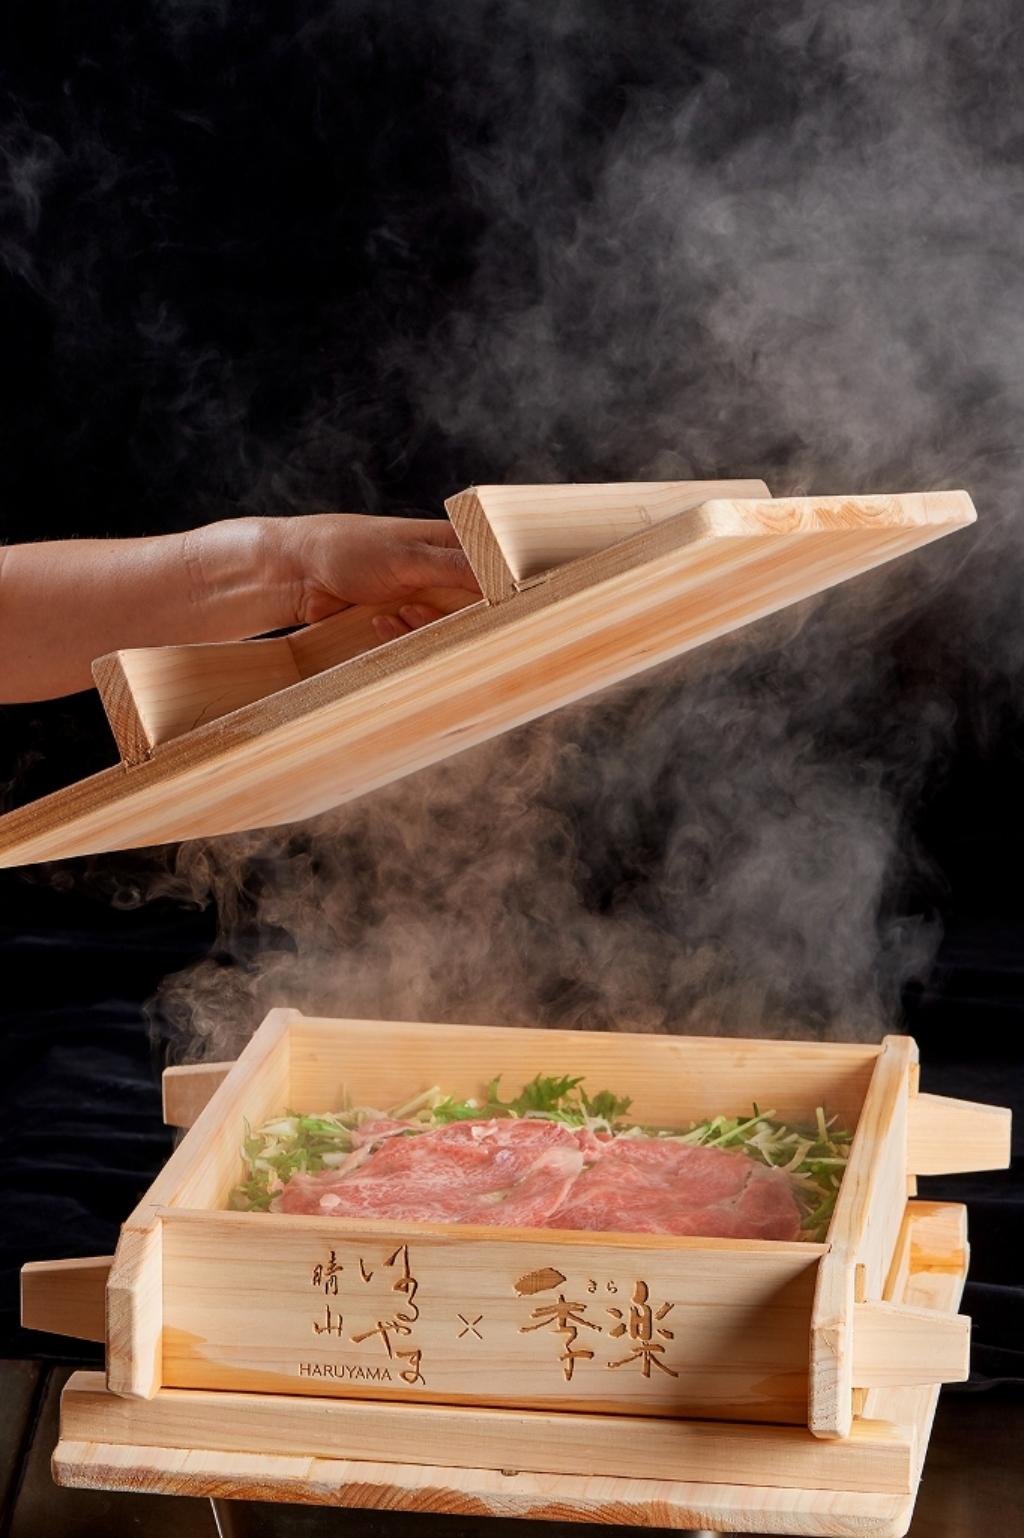 台北美福大飯店「週遊美福」晴山日本料理蒸香鮮牛宴